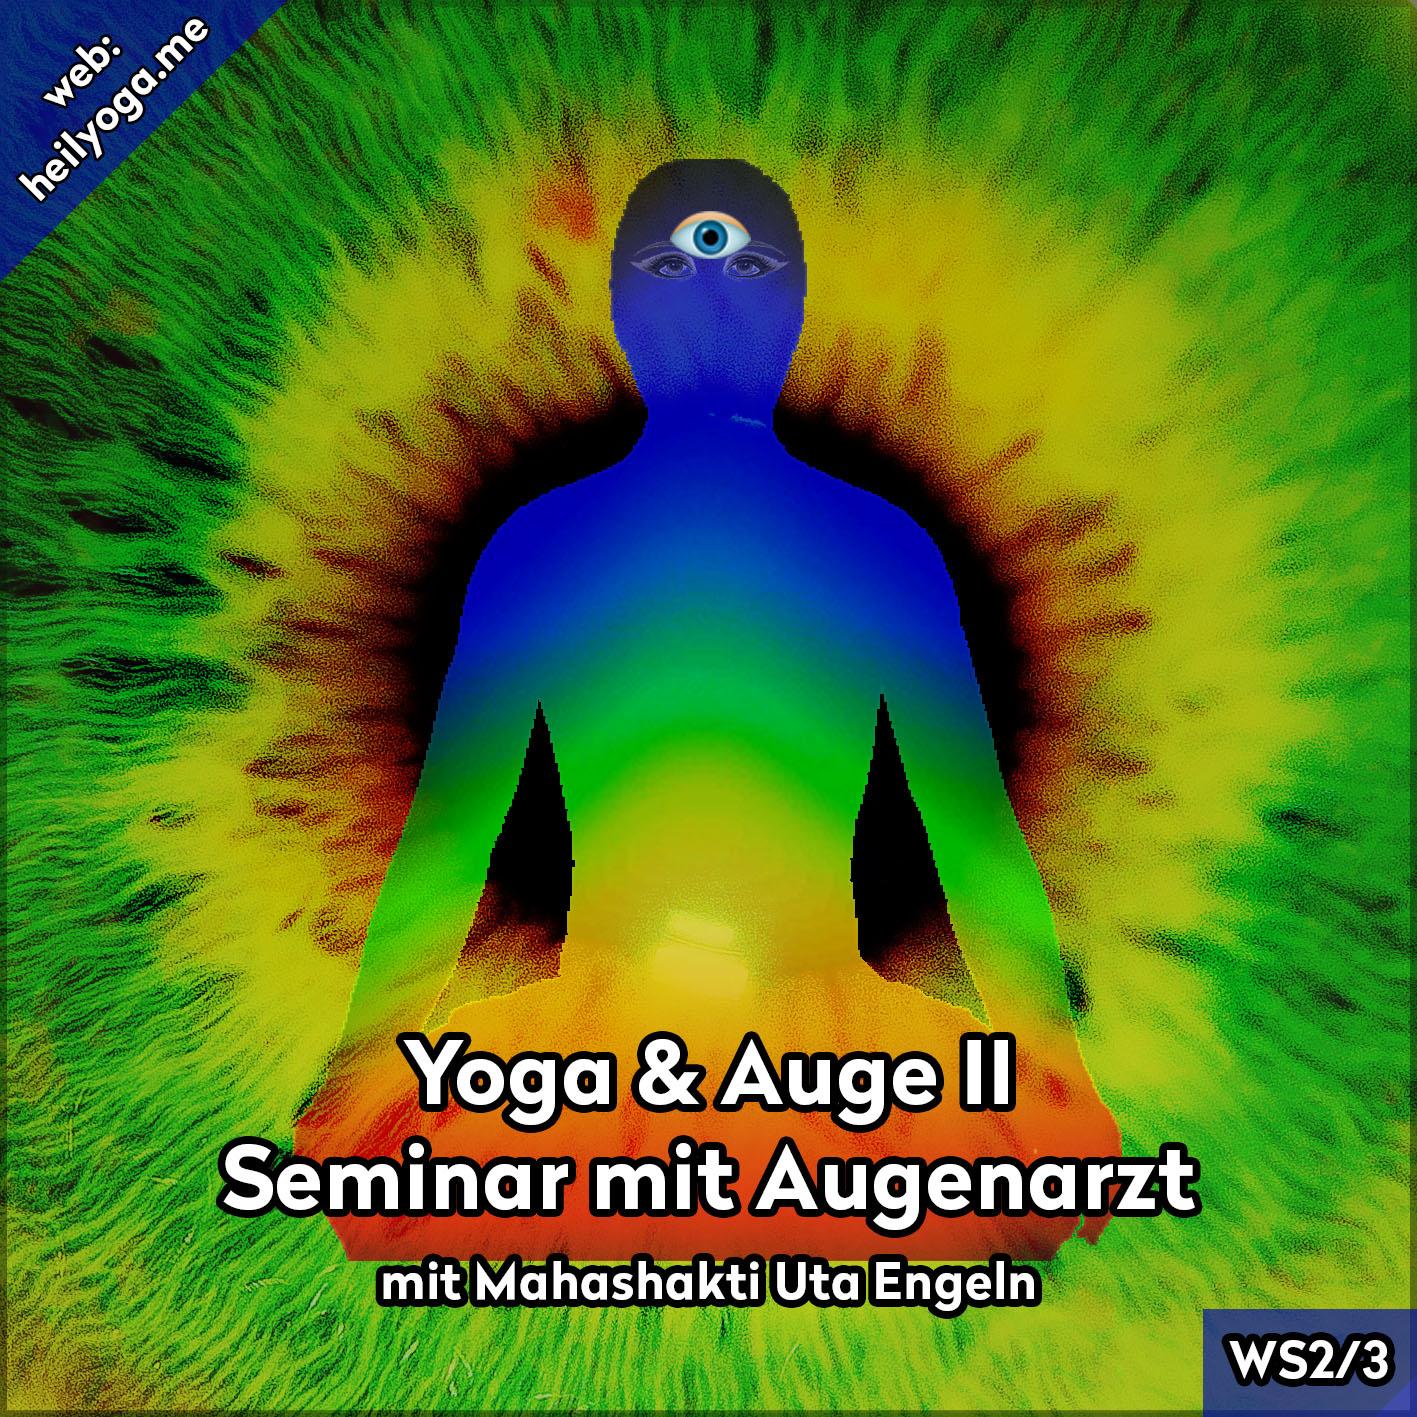 Yoga & Augen II – Seminar mit Augenarzt (MP3)